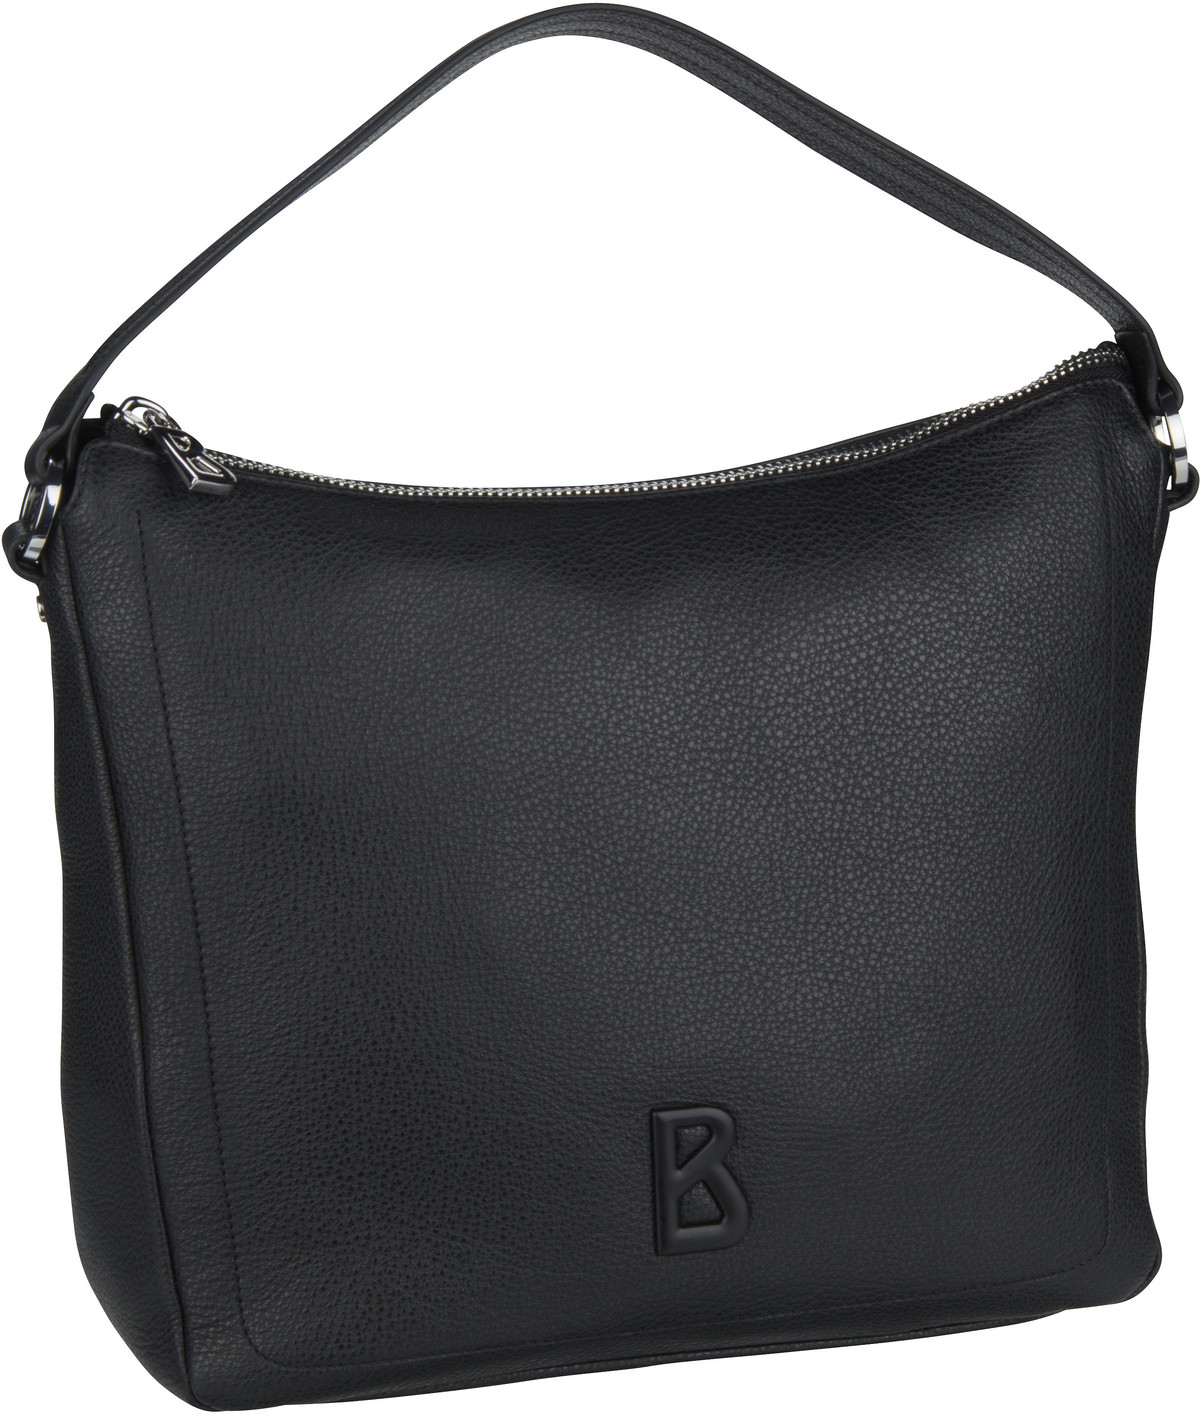 Handtasche Andermatt Marie Hobo MHZ Black